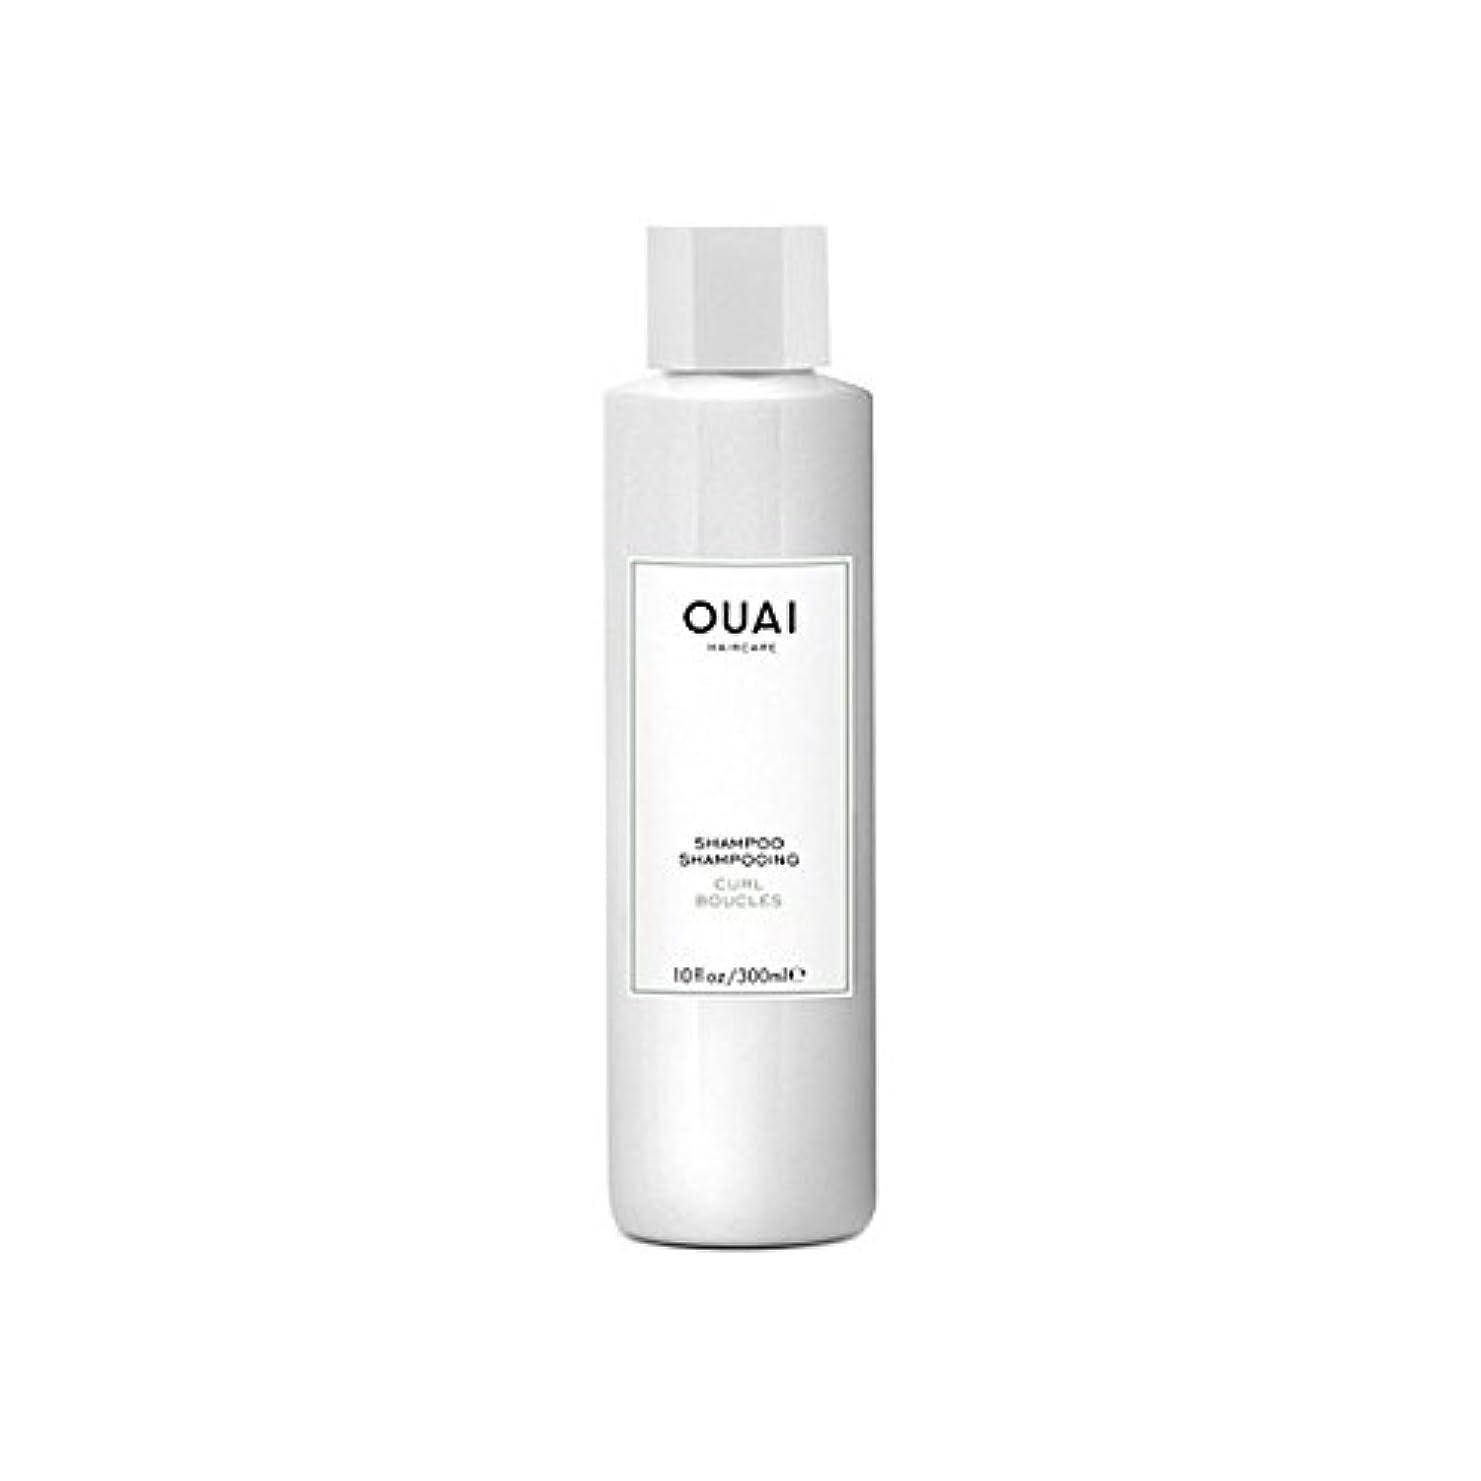 境界冒険者フィットカールシャンプー300ミリリットル x4 - Ouai Curl Shampoo 300ml (Pack of 4) [並行輸入品]